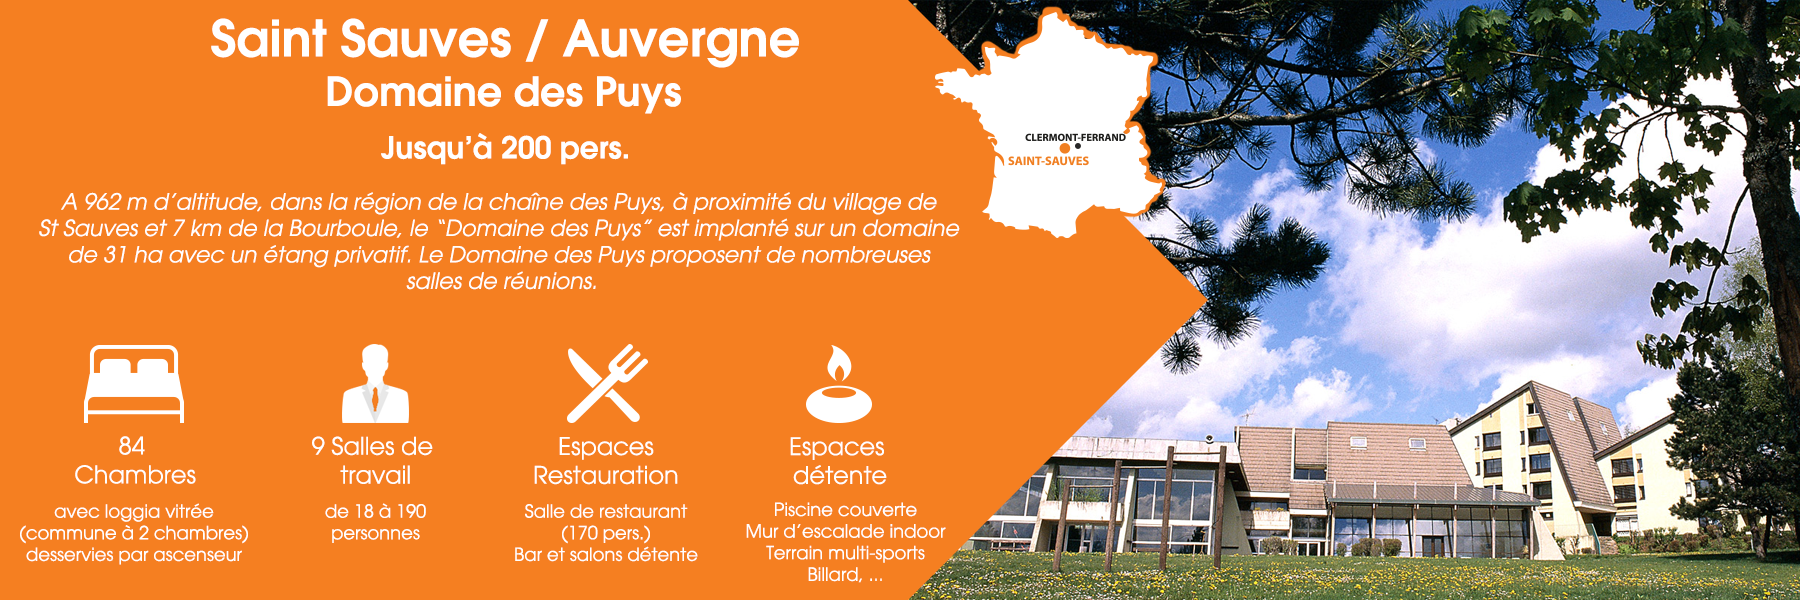 """Le Domaine des Puys à Saint-Sauves, en Auvergne, peut accueillir jusqu'à 200 personnes. A 962 m d'altitude, dans la région de la chaîne des Puys, à proximité du village de St Sauves et 7 km de la Bourboule, le """"Domaine des Puys"""" est implanté sur un domaine de 31 ha avec un étang privatif. Le Domaine des Puys propose de nombreuses salles de réunions. Ce domaine est composé de 84 chambres (avec loggia vitrée, commune à deux chambres, desservies par ascenseur), de 9 salles de travail (de 18 à 190 personnes), d'espaces de restauration (une salle de restaurant pour 170 personnes, un bar et un salon détente) et d'espaces de détente (une piscine couverte, un mur d'escalade indoor, un terrain multisports et un billard)."""